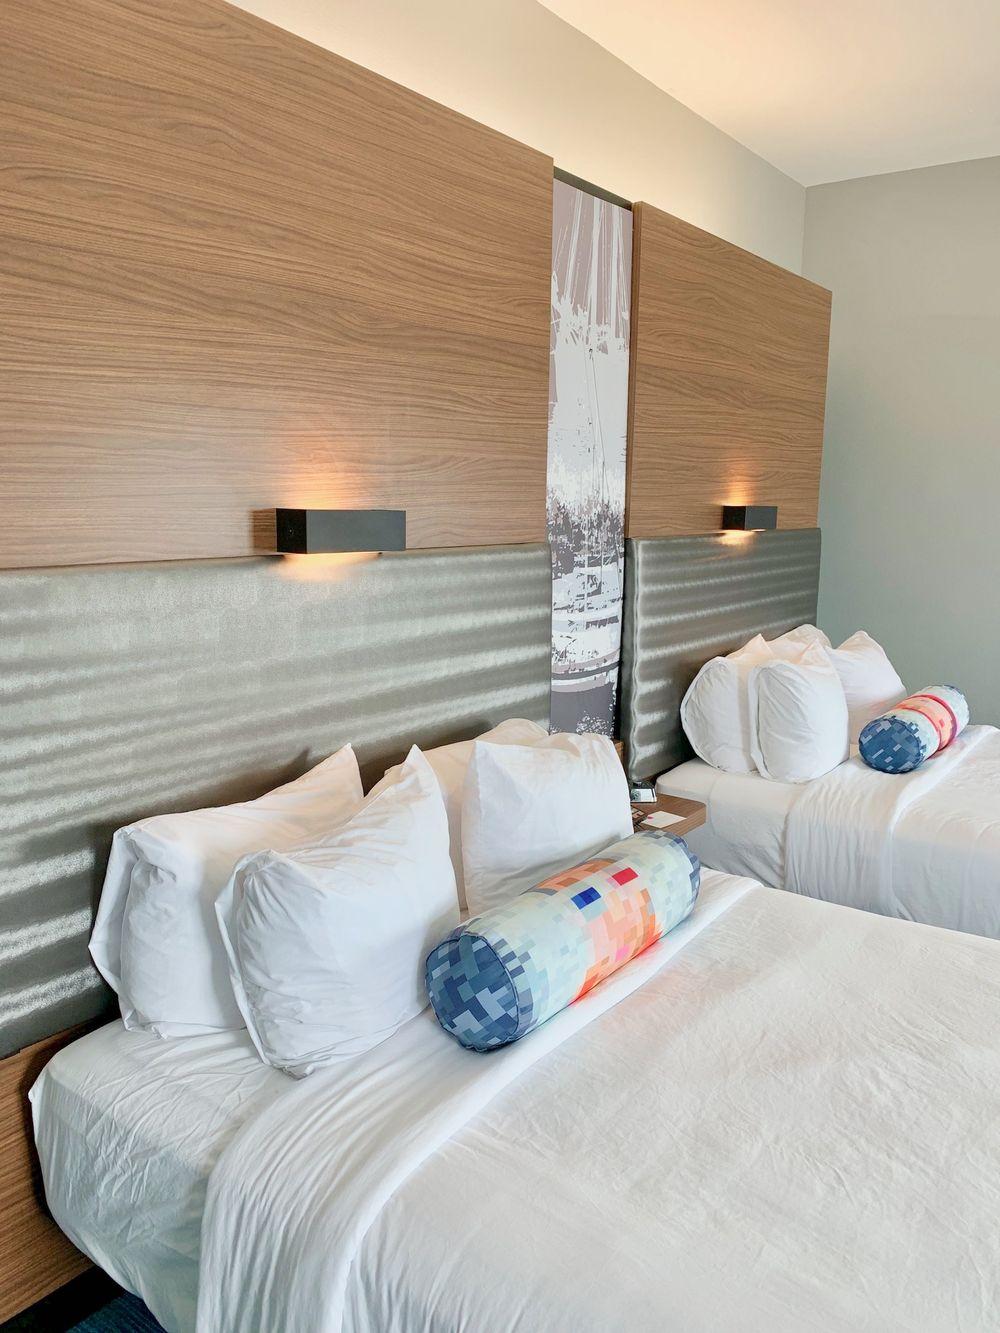 Four pillows on each bed at the Corpus Christi Aloft Hotel